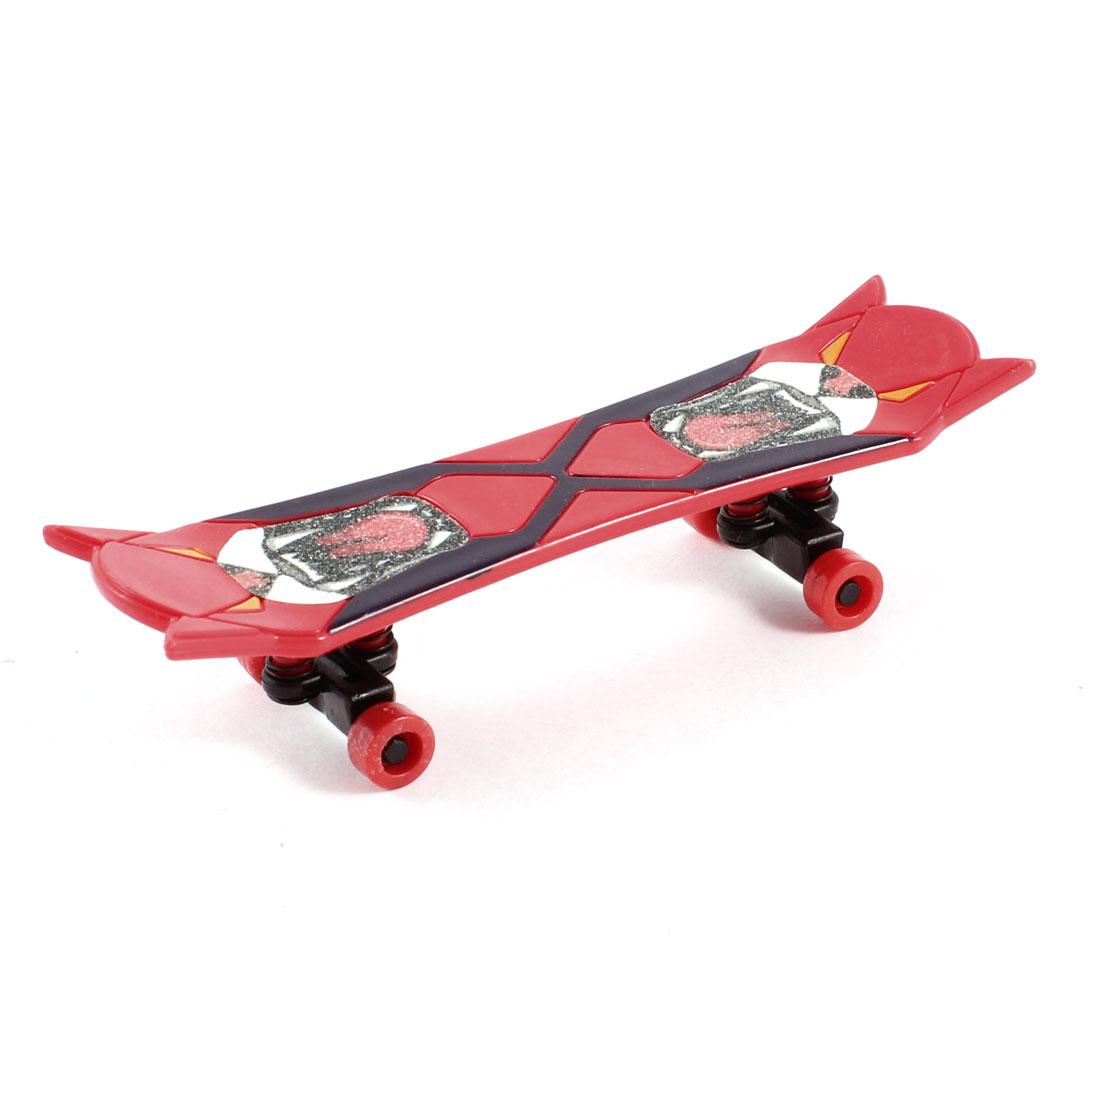 Red Black Plastic Novelty Printed Mini Finger Skateboard Toy for Child